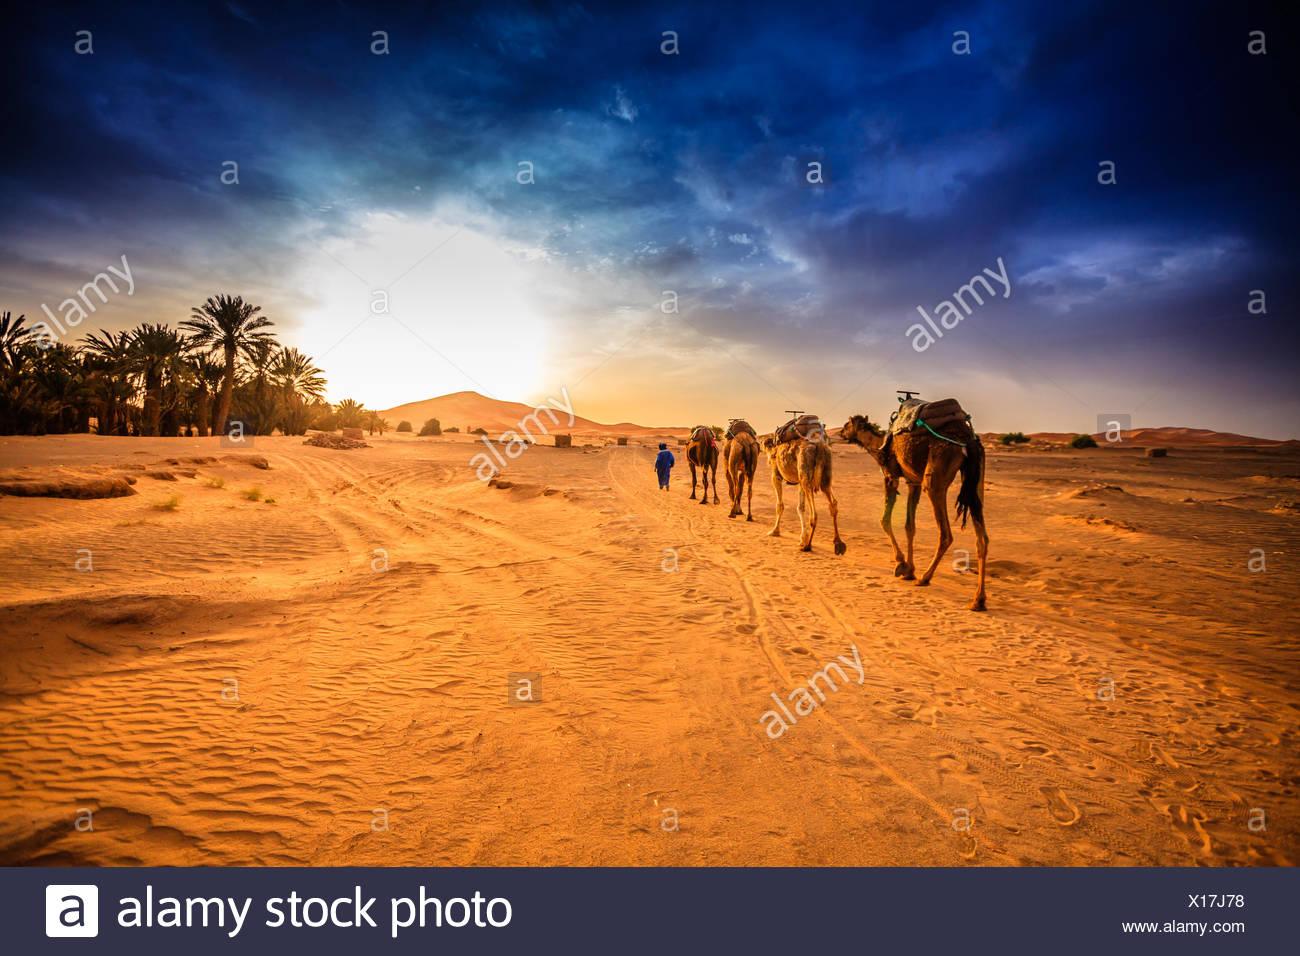 Camel caravan in Sahara desert, Morocco - Stock Image